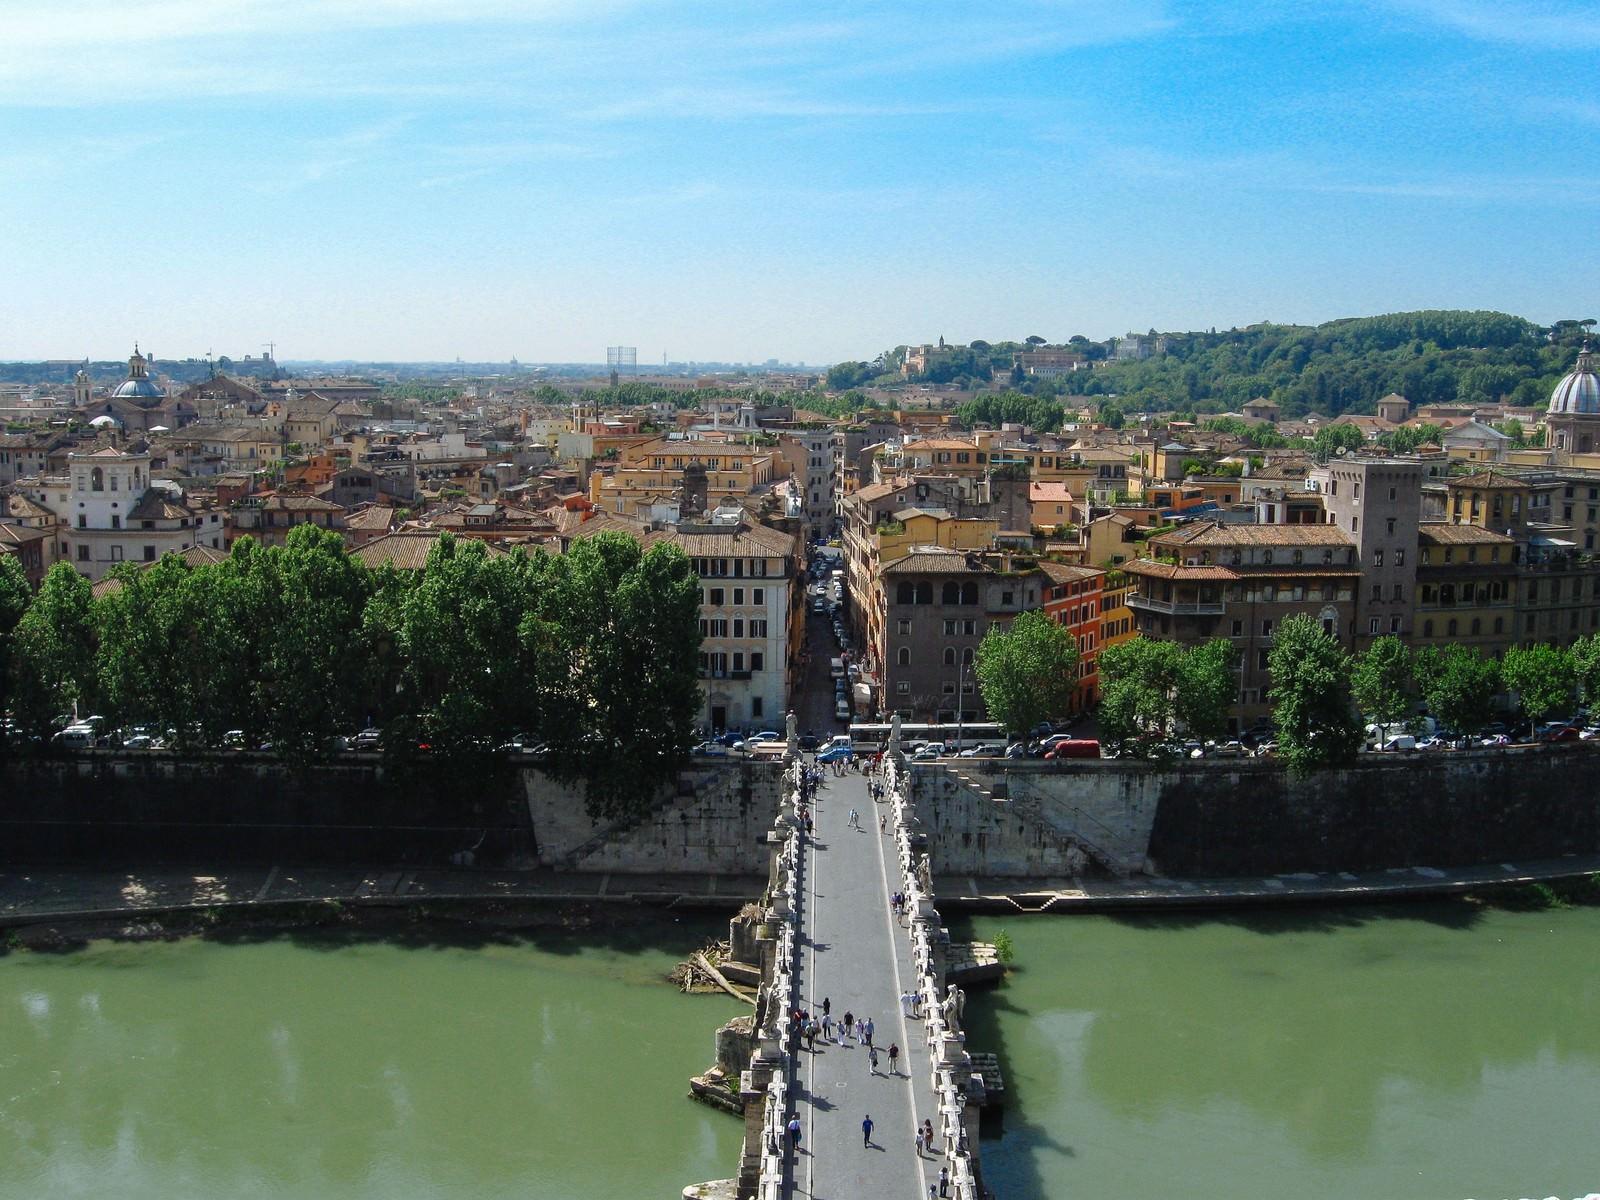 「ローマに架かる橋と街並み(イタリア)」の写真